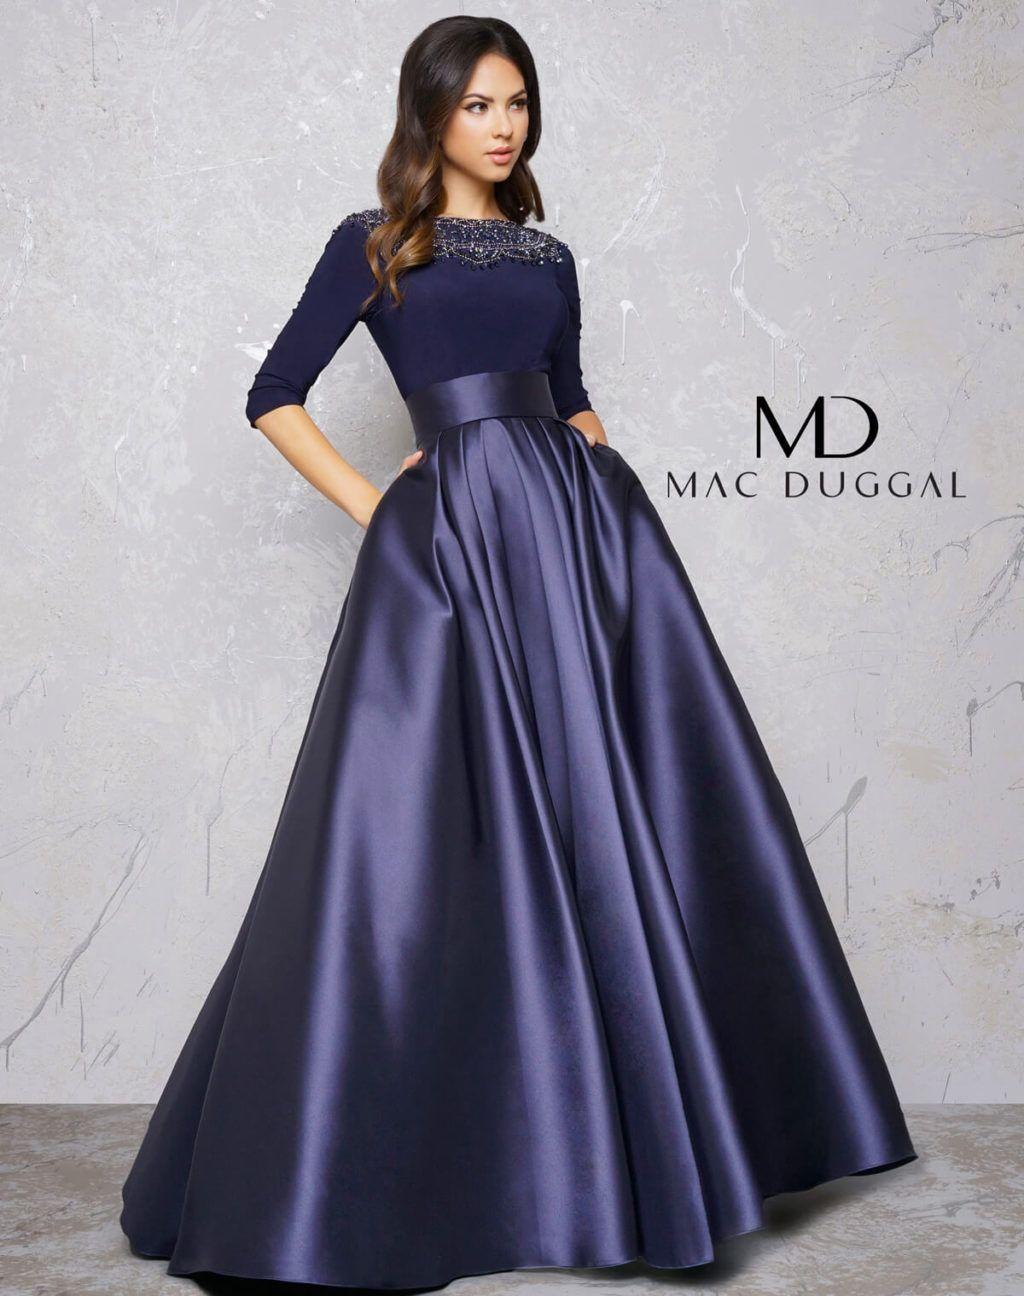 80682d Mac Duggal Long Sleeve Evening Gowns Evening Gowns With Sleeves Long Sleeve Evening Gown Formal